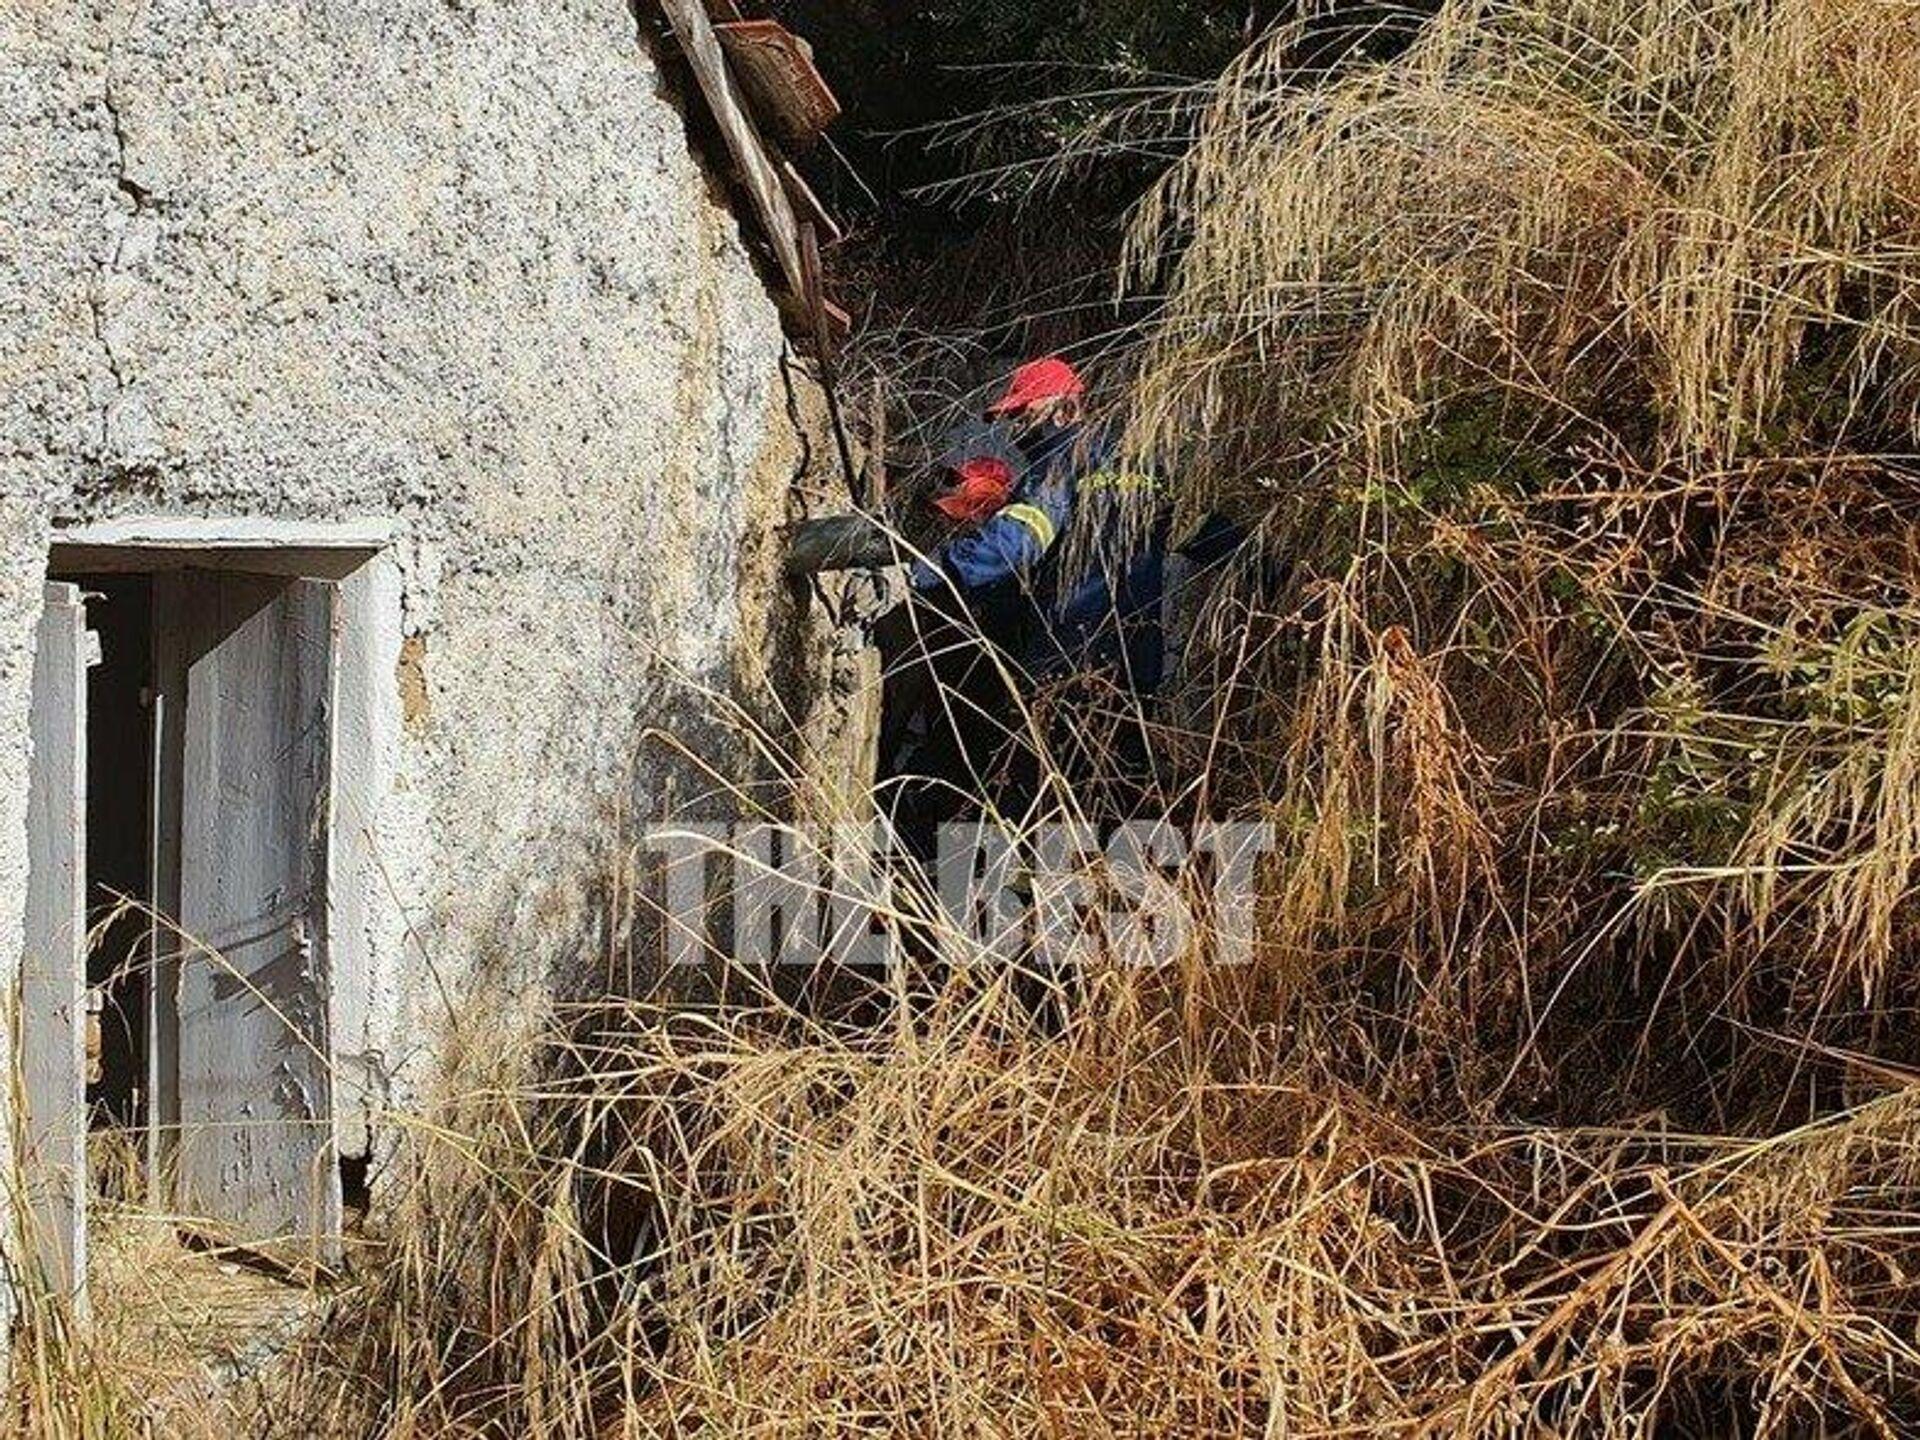 Επιχείρηση διάσωσης ηλικιωμένης στην Πάτρα - Sputnik Ελλάδα, 1920, 08.10.2021